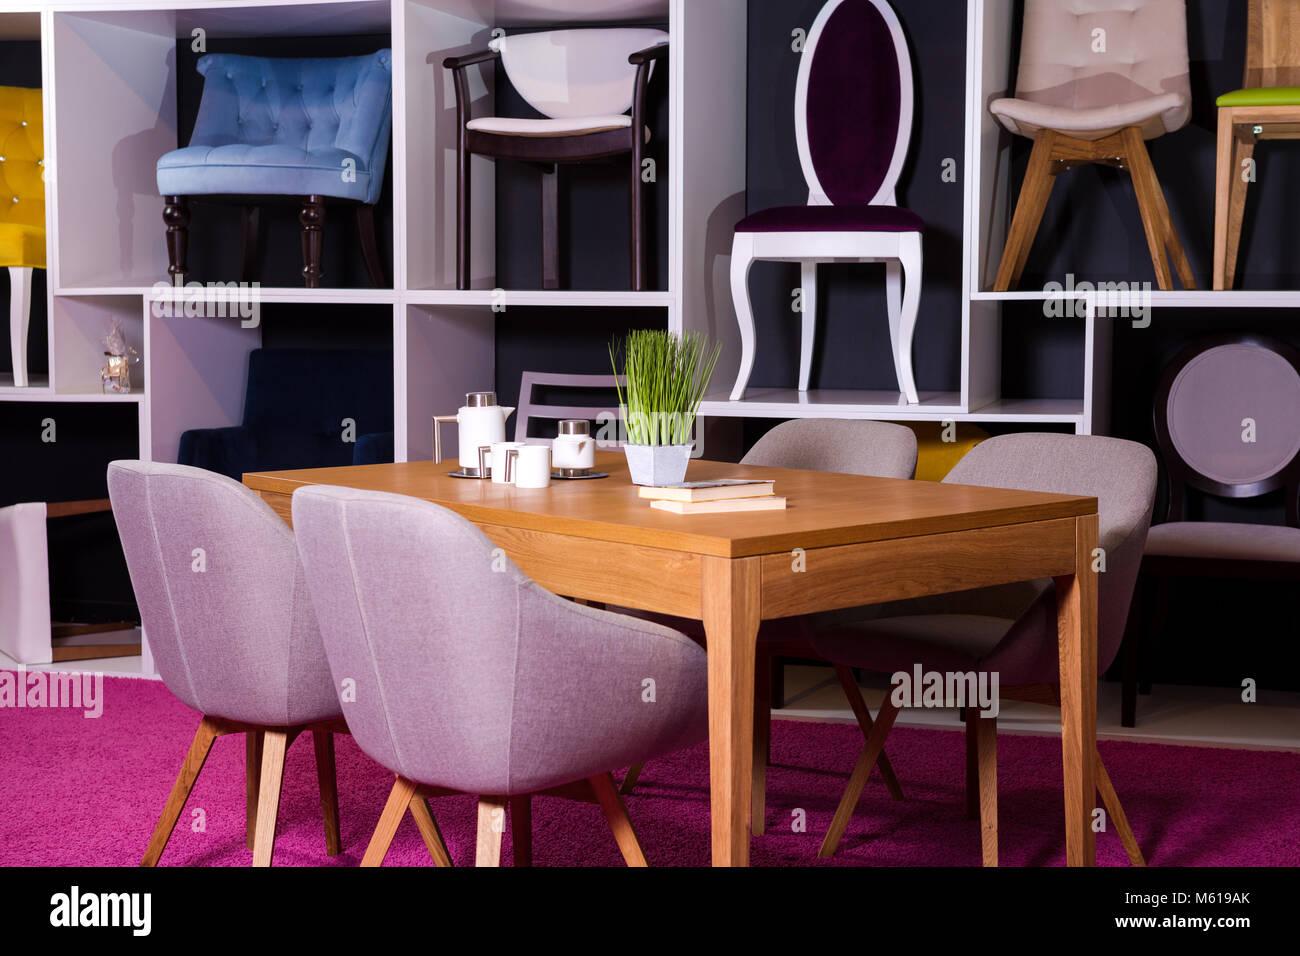 Holztisch mit finest holztisch with holztisch mit luxus for Verkauf von mobeln im internet